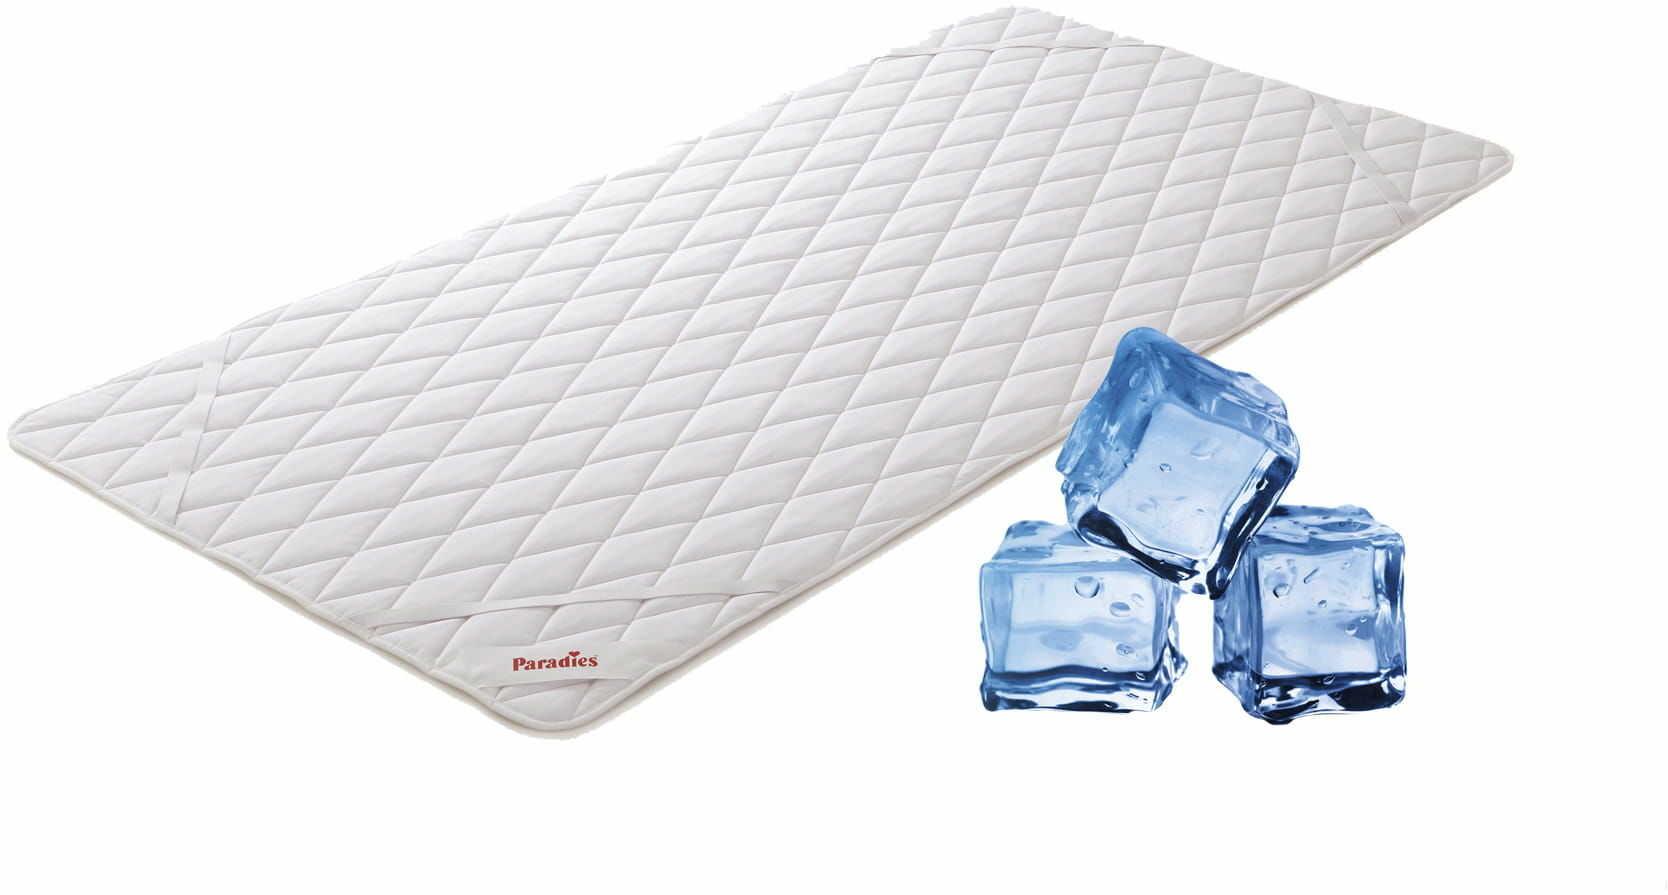 Nakładka chłodząca na materac 90x200 Paradies Pad Cool Comfort